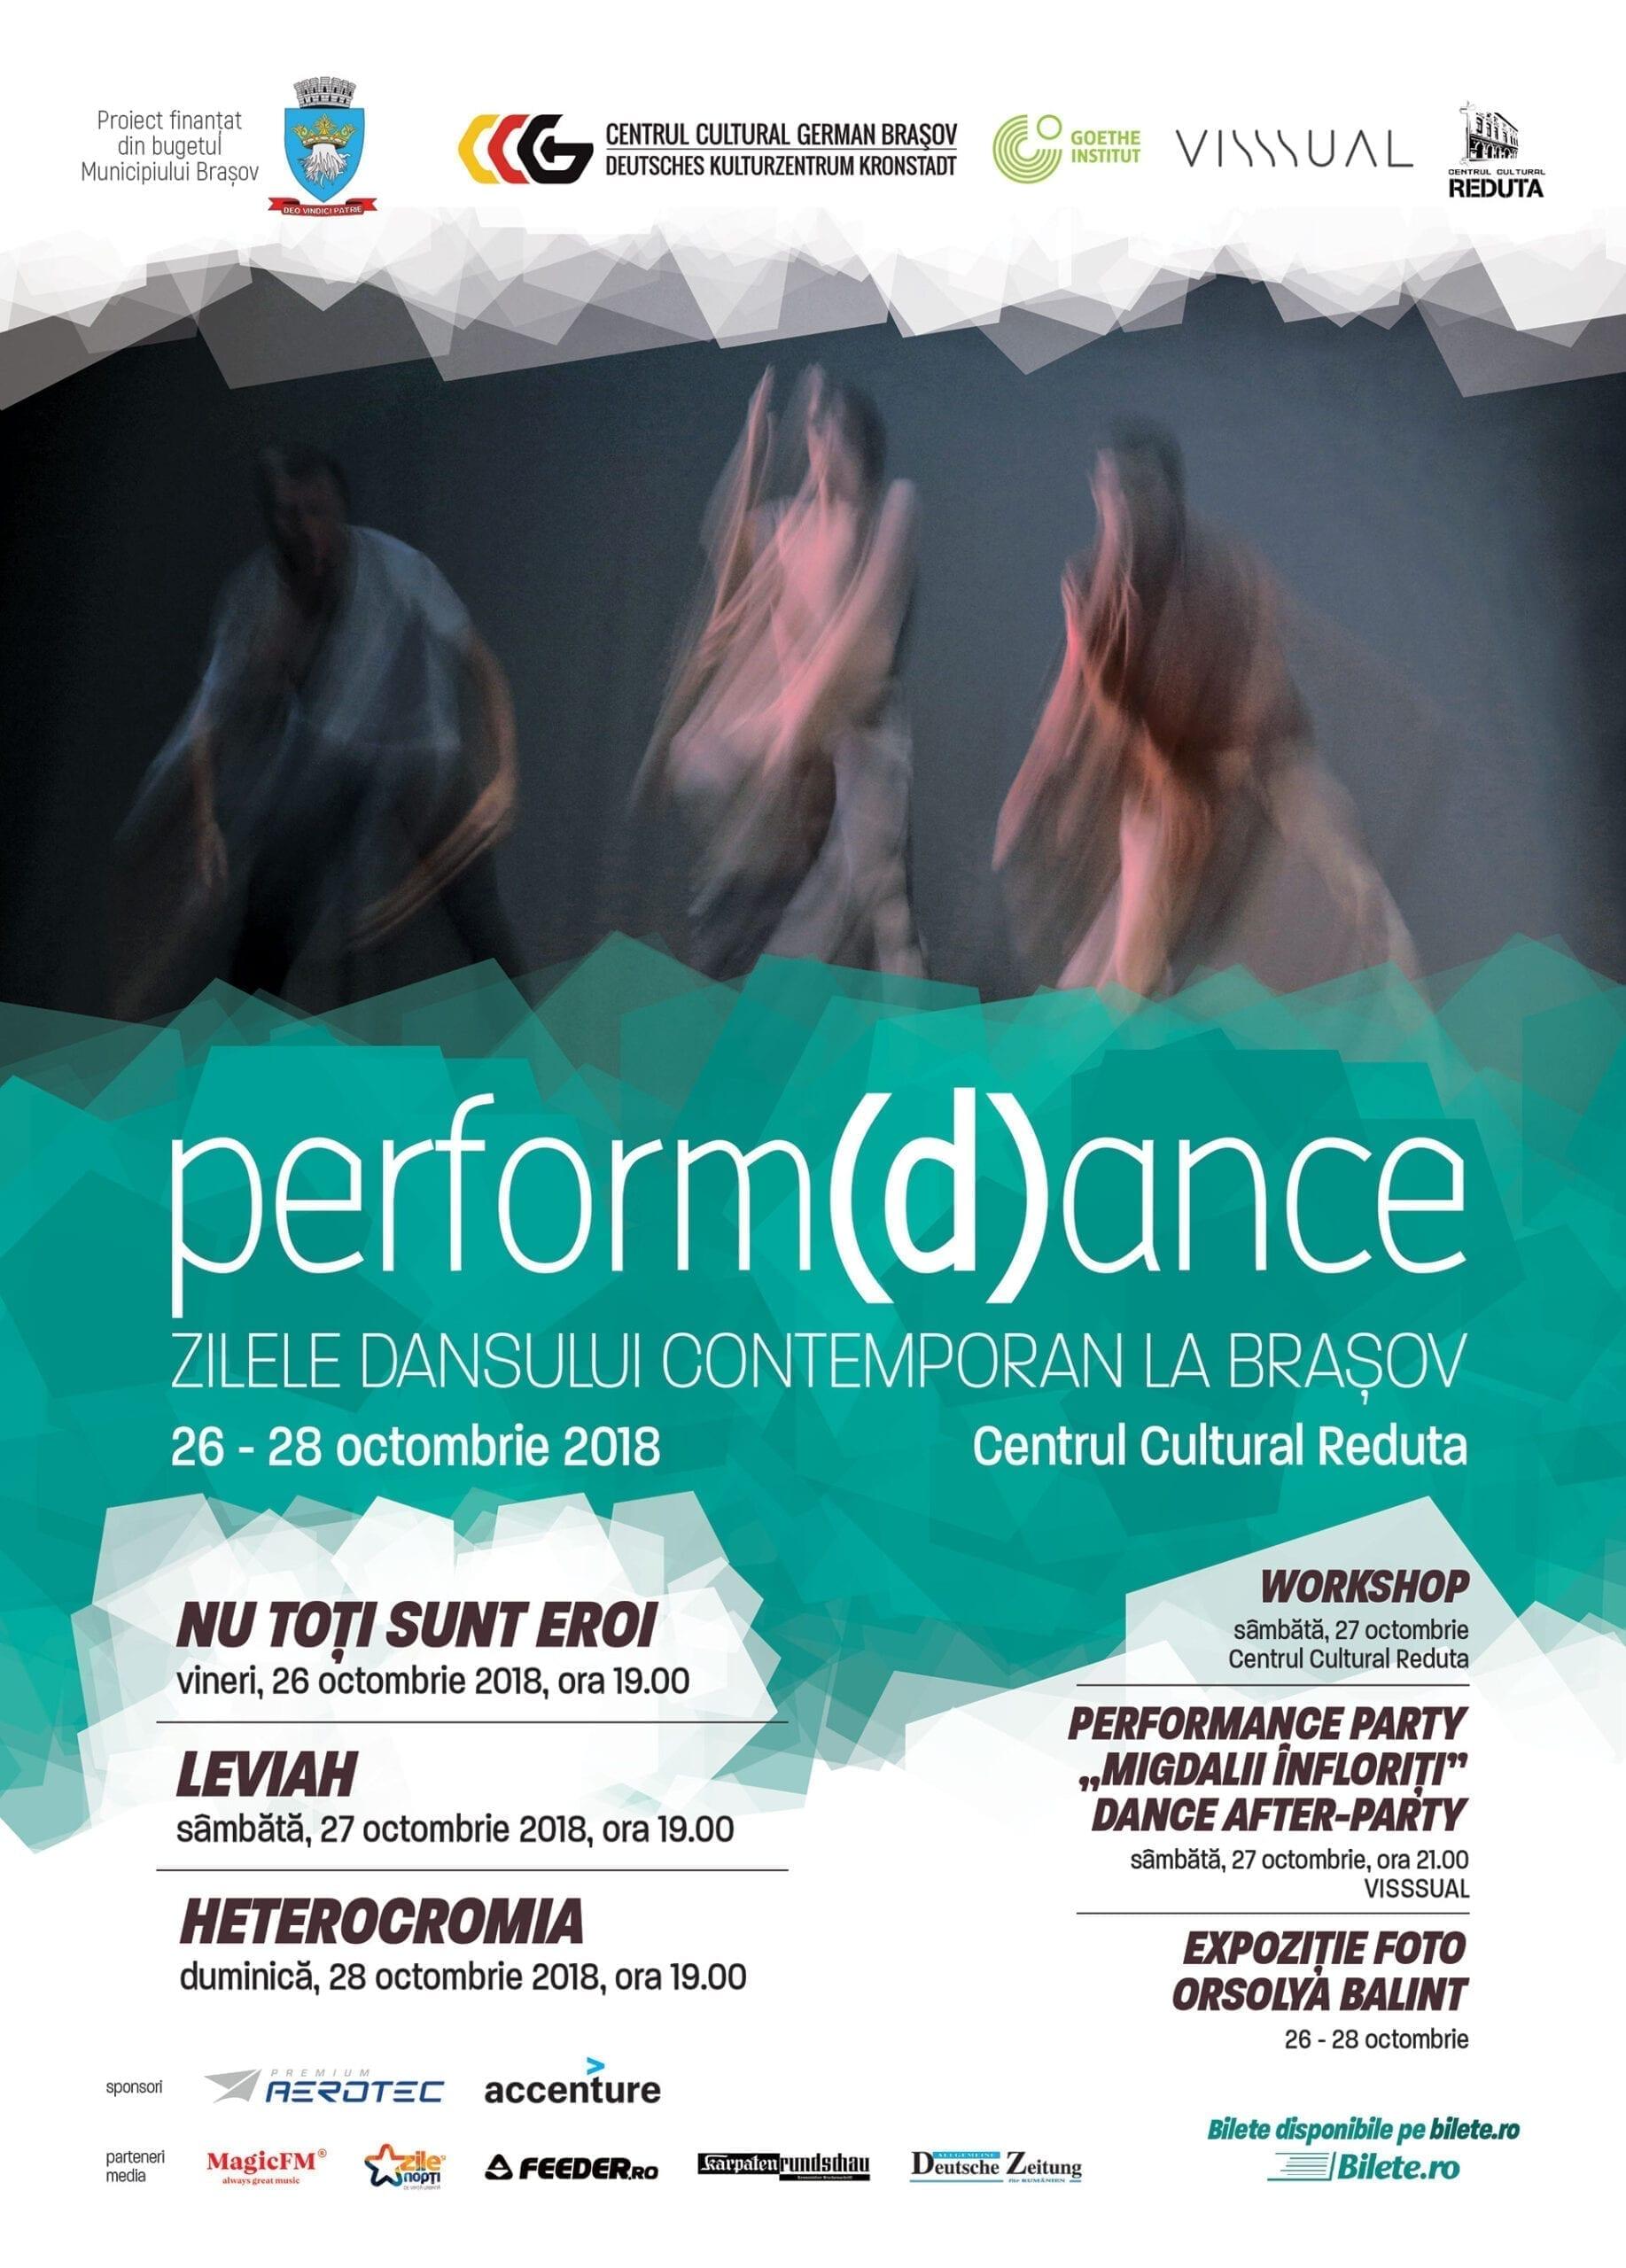 perform(d)ance - Zilele dansului contemporan la Brașov